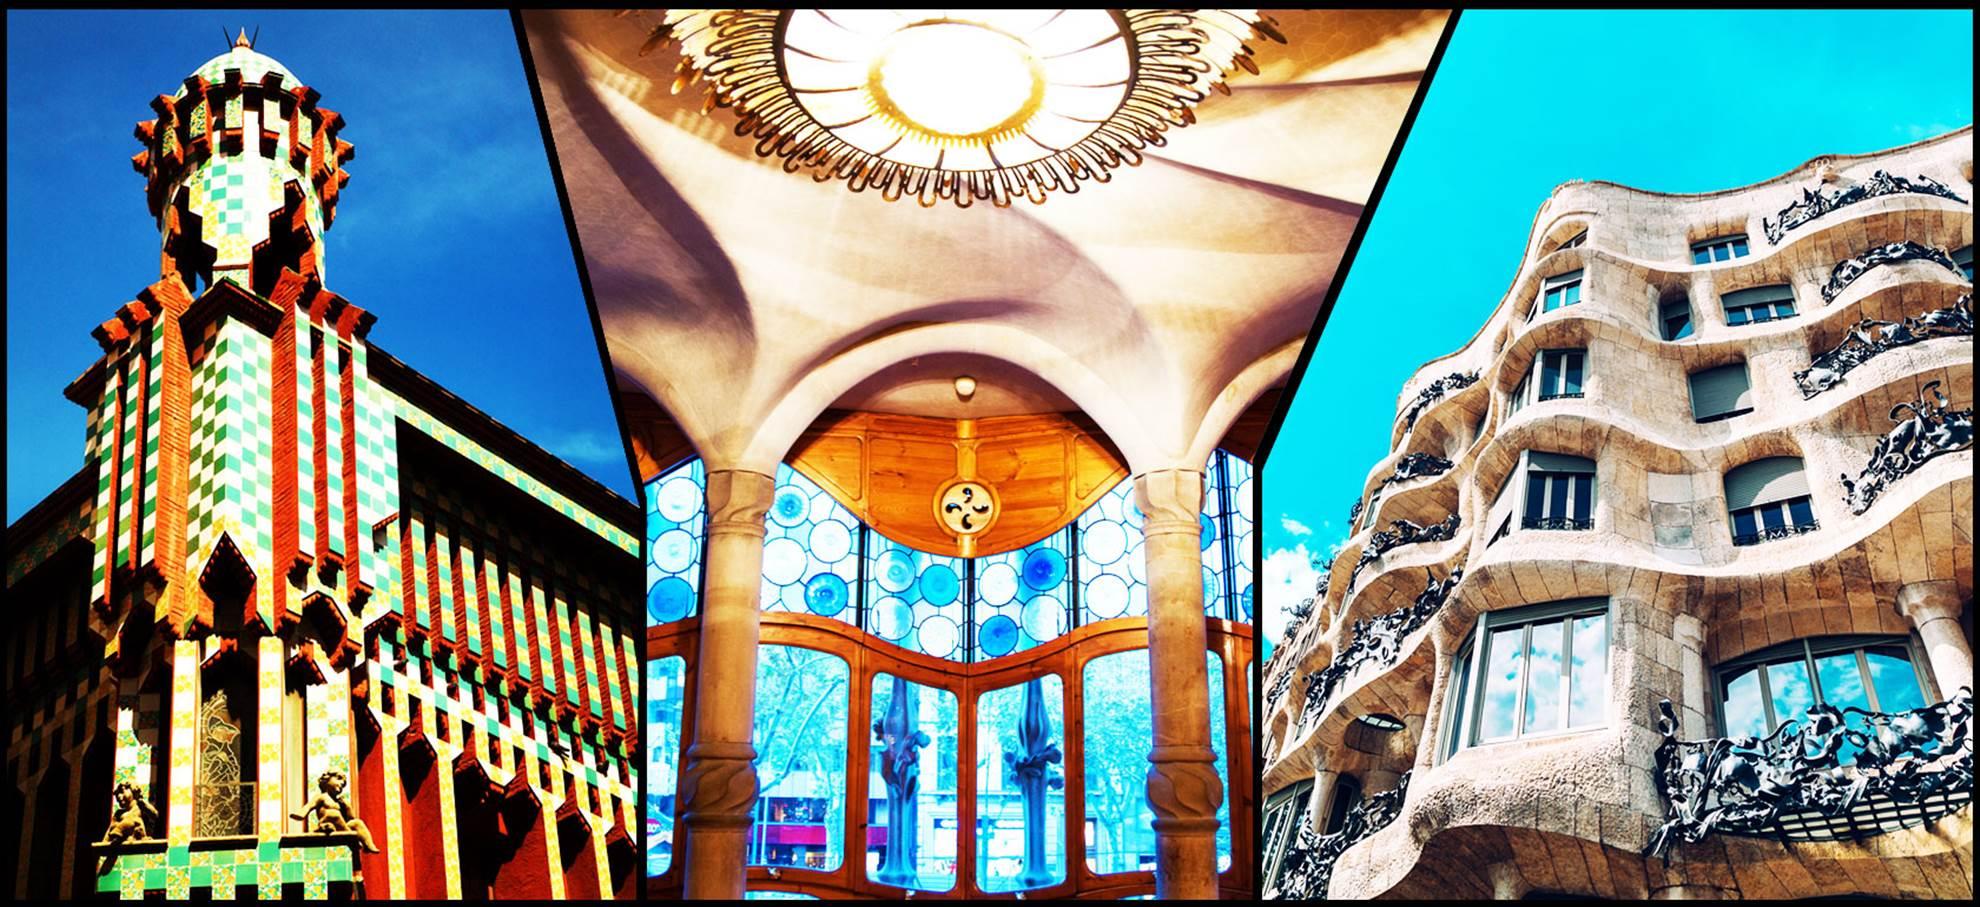 Три дома Гауди: вход без очередей в Дом Бальо, Дом Мила и Дом Висенс!